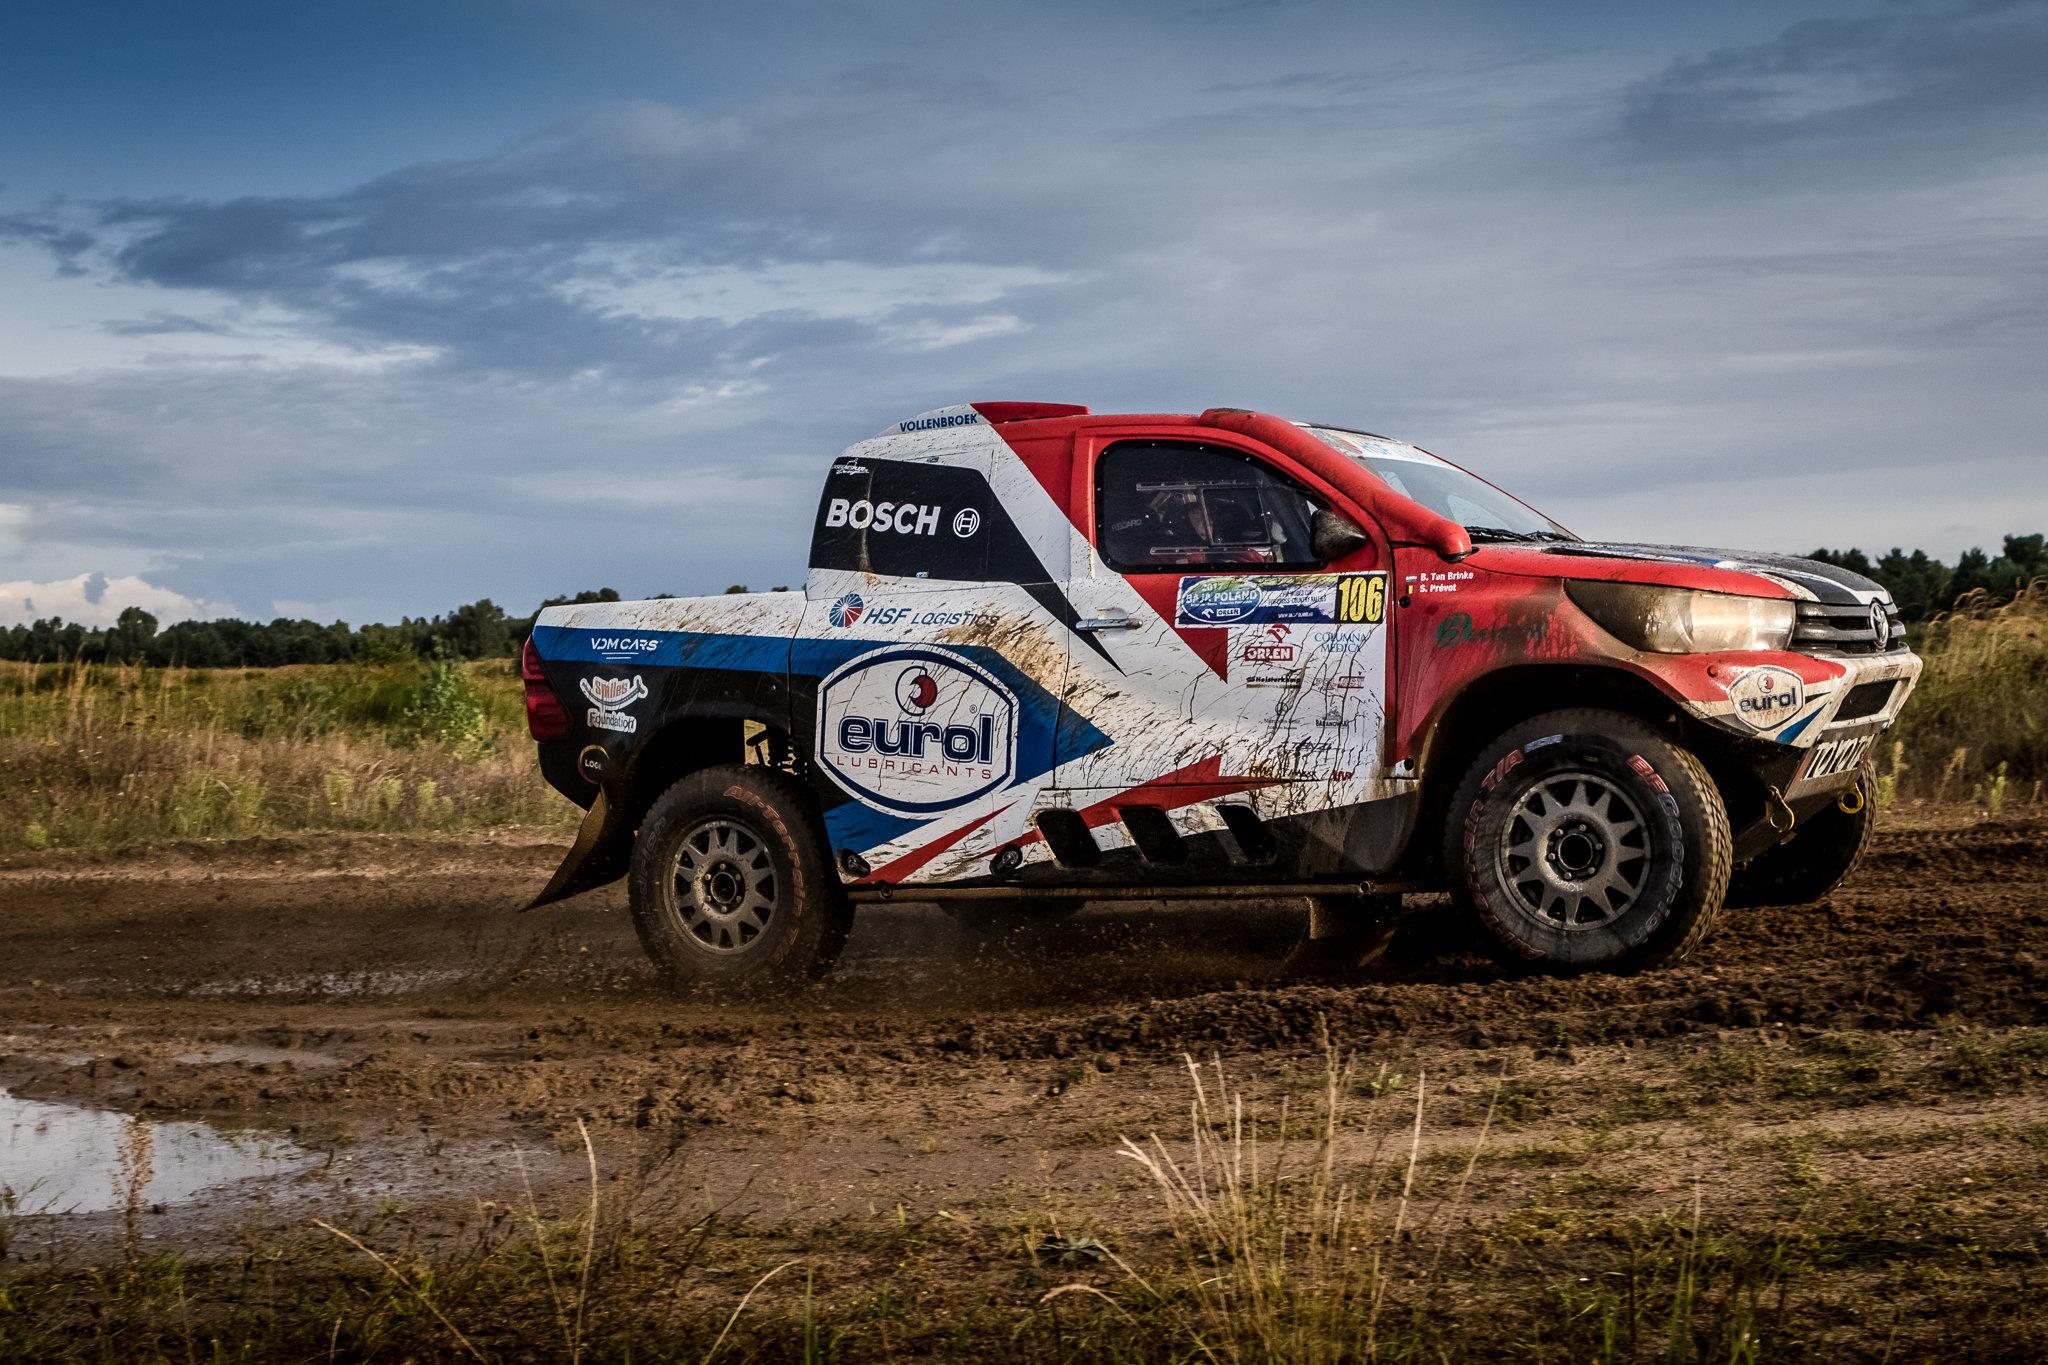 Bernhard ten Brinke in Dakar stijl naar derde plaats in Polen